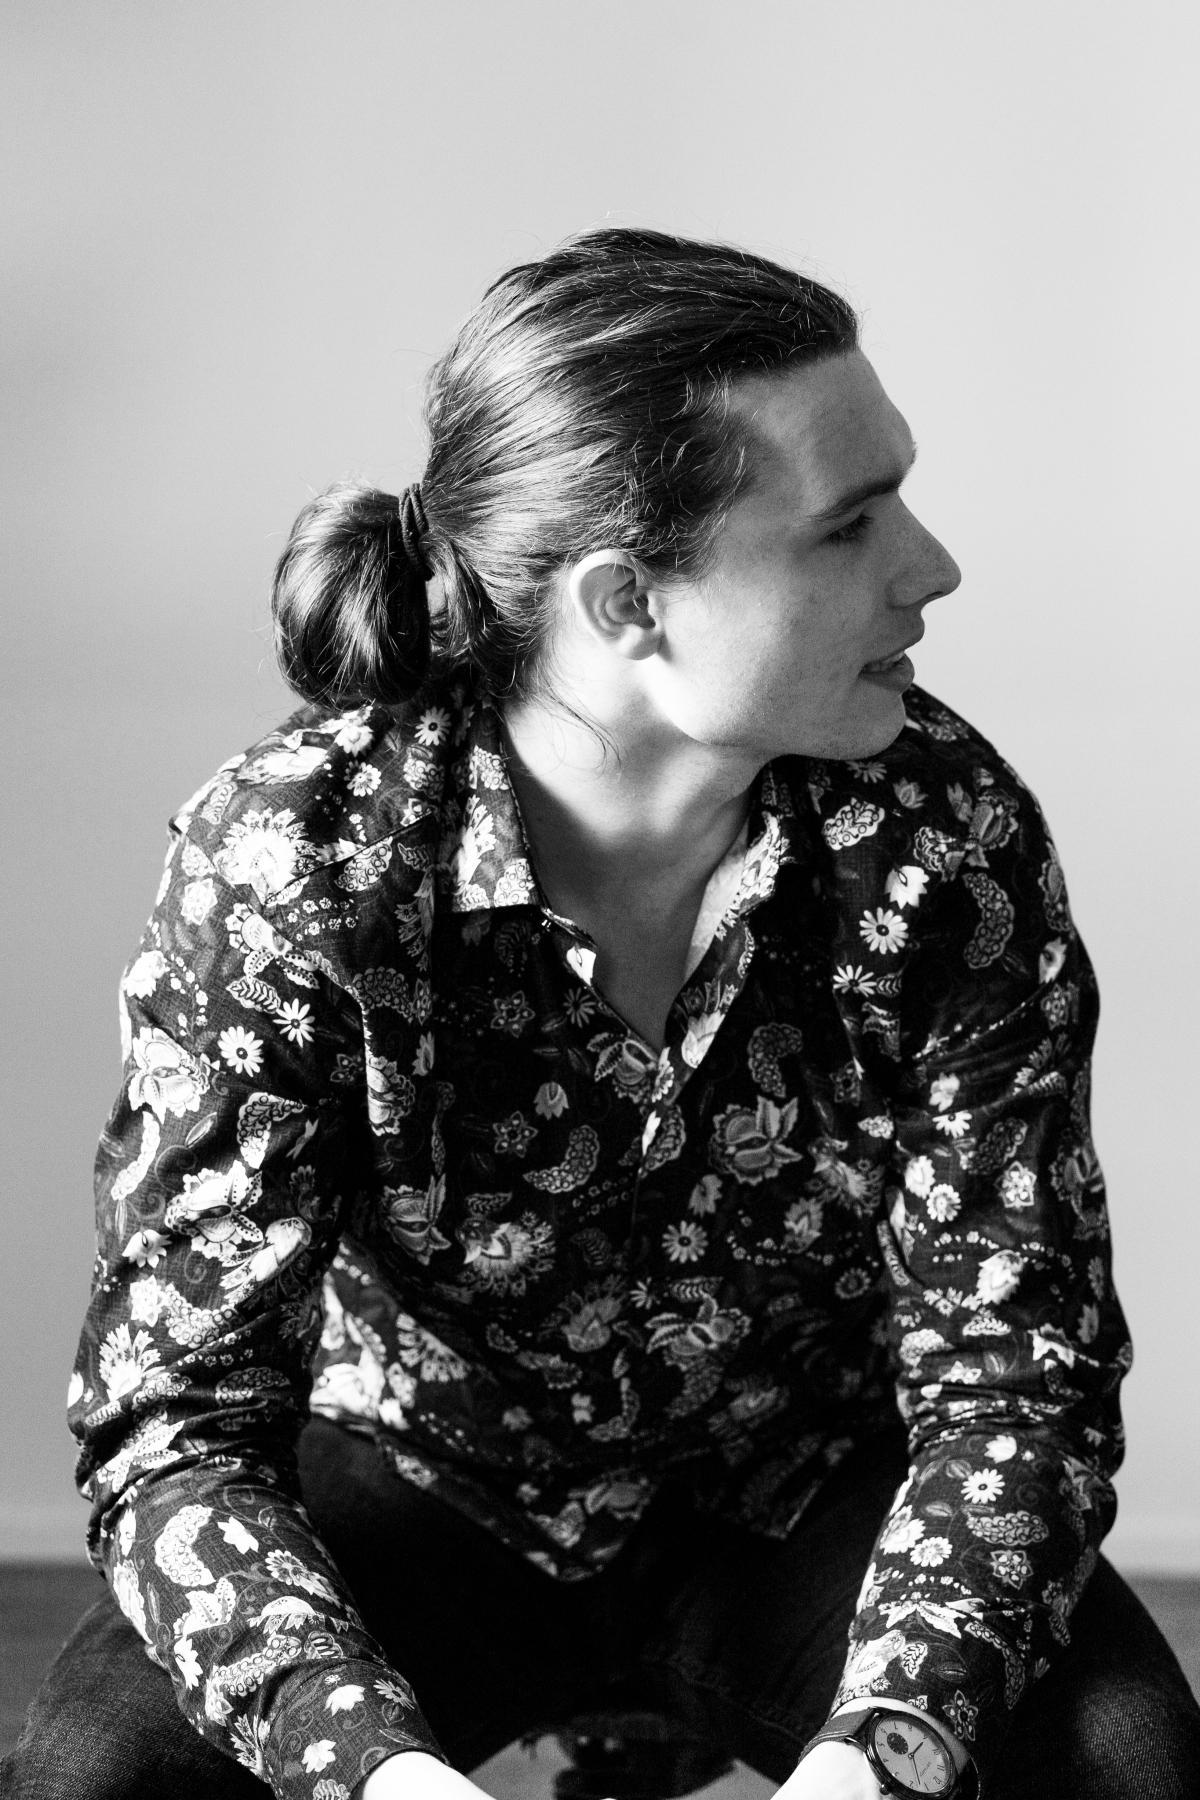 Der Künstler Simon Kohler mit zur Seite gewandtem Gesicht (Schwarz-Weiß-Foto)